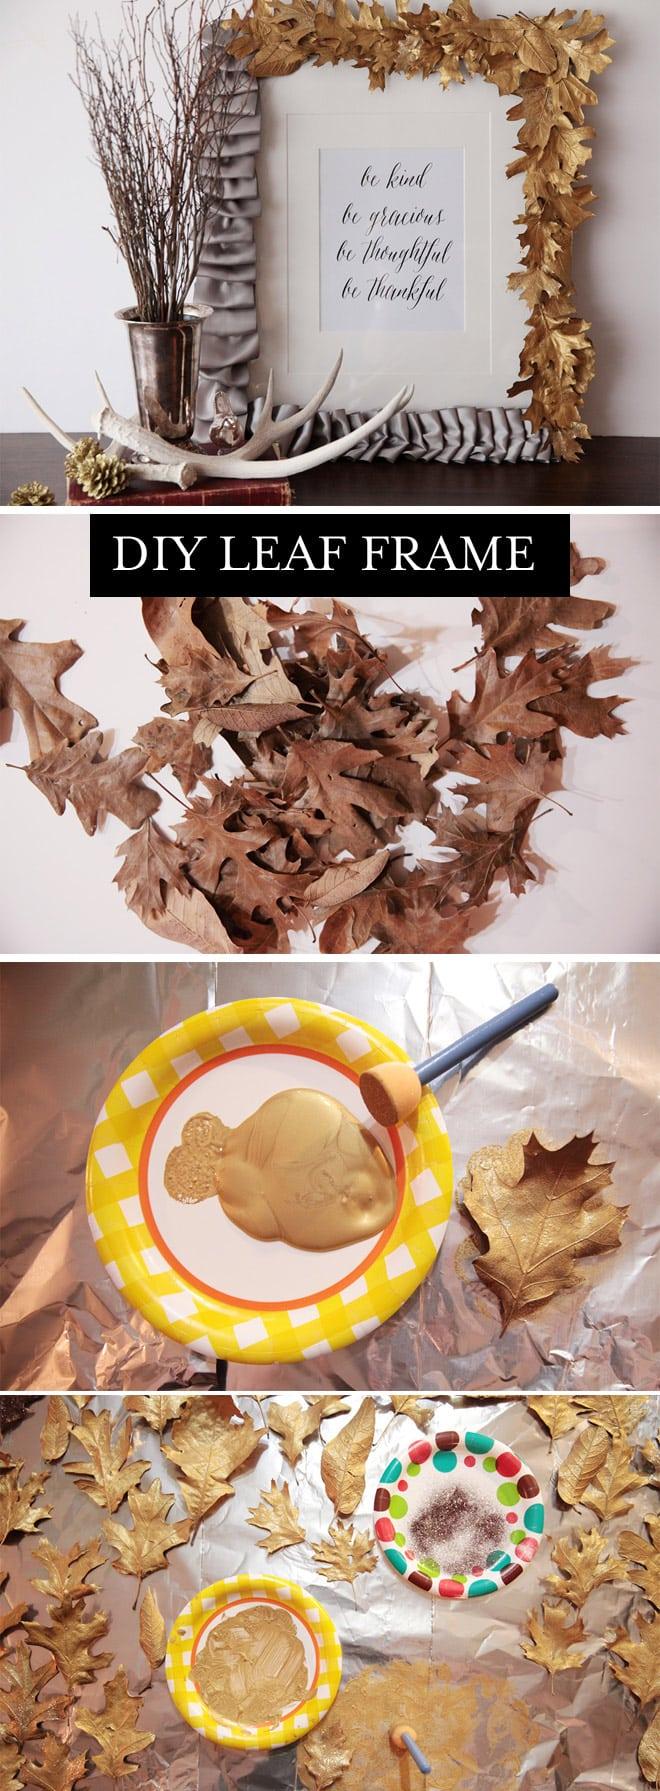 Tutorial: DIY Gold Leaf Frame!